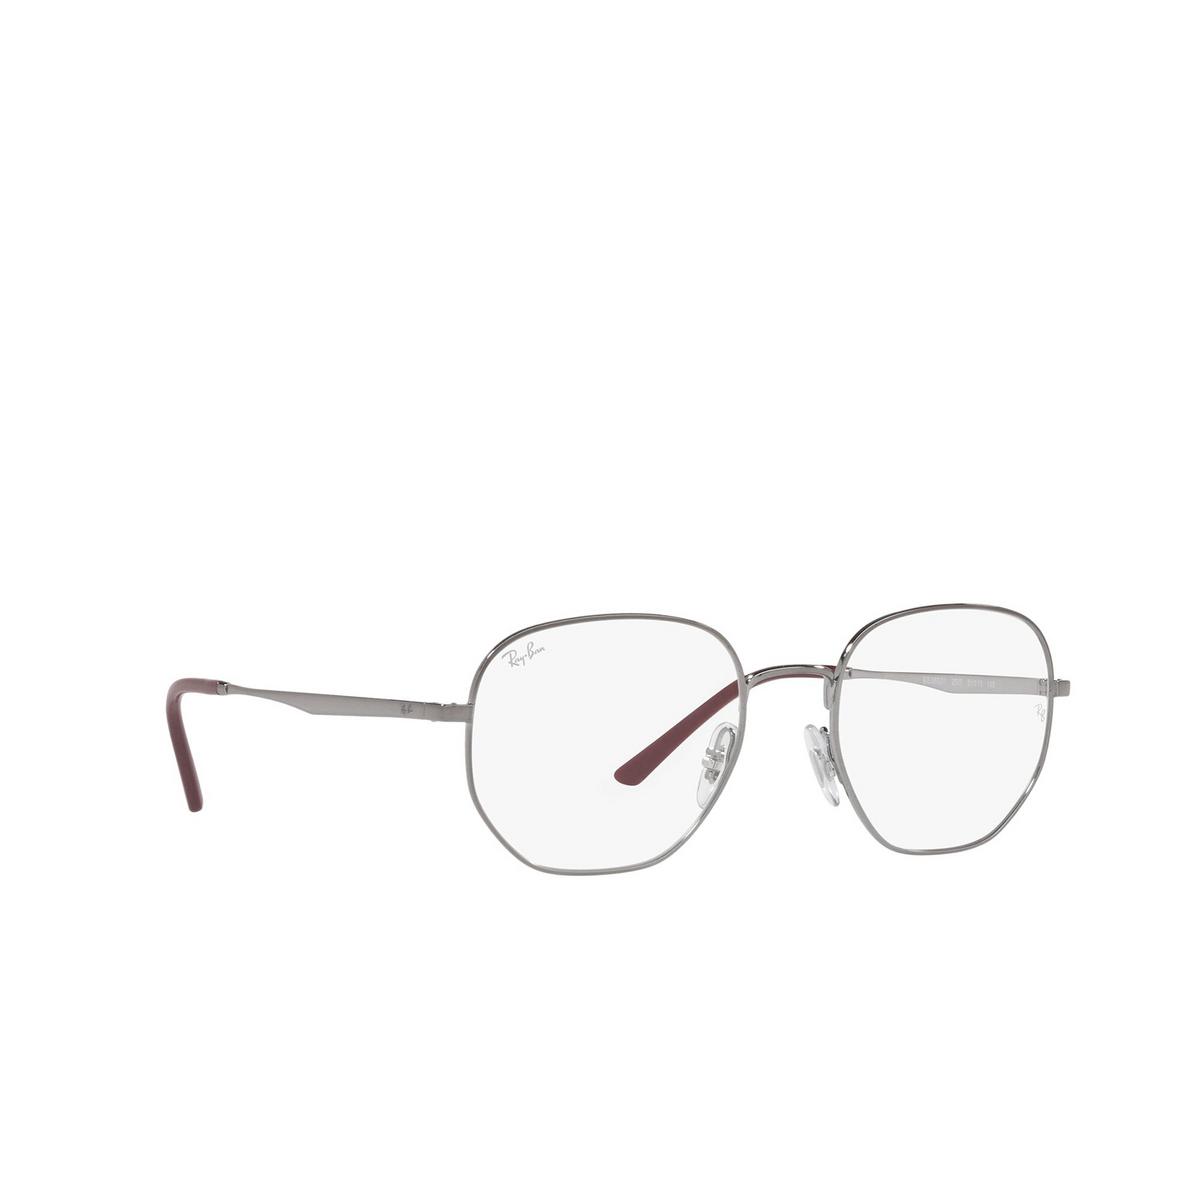 Ray-Ban® Irregular Eyeglasses: RX3682V color Gunmetal 2502 - three-quarters view.